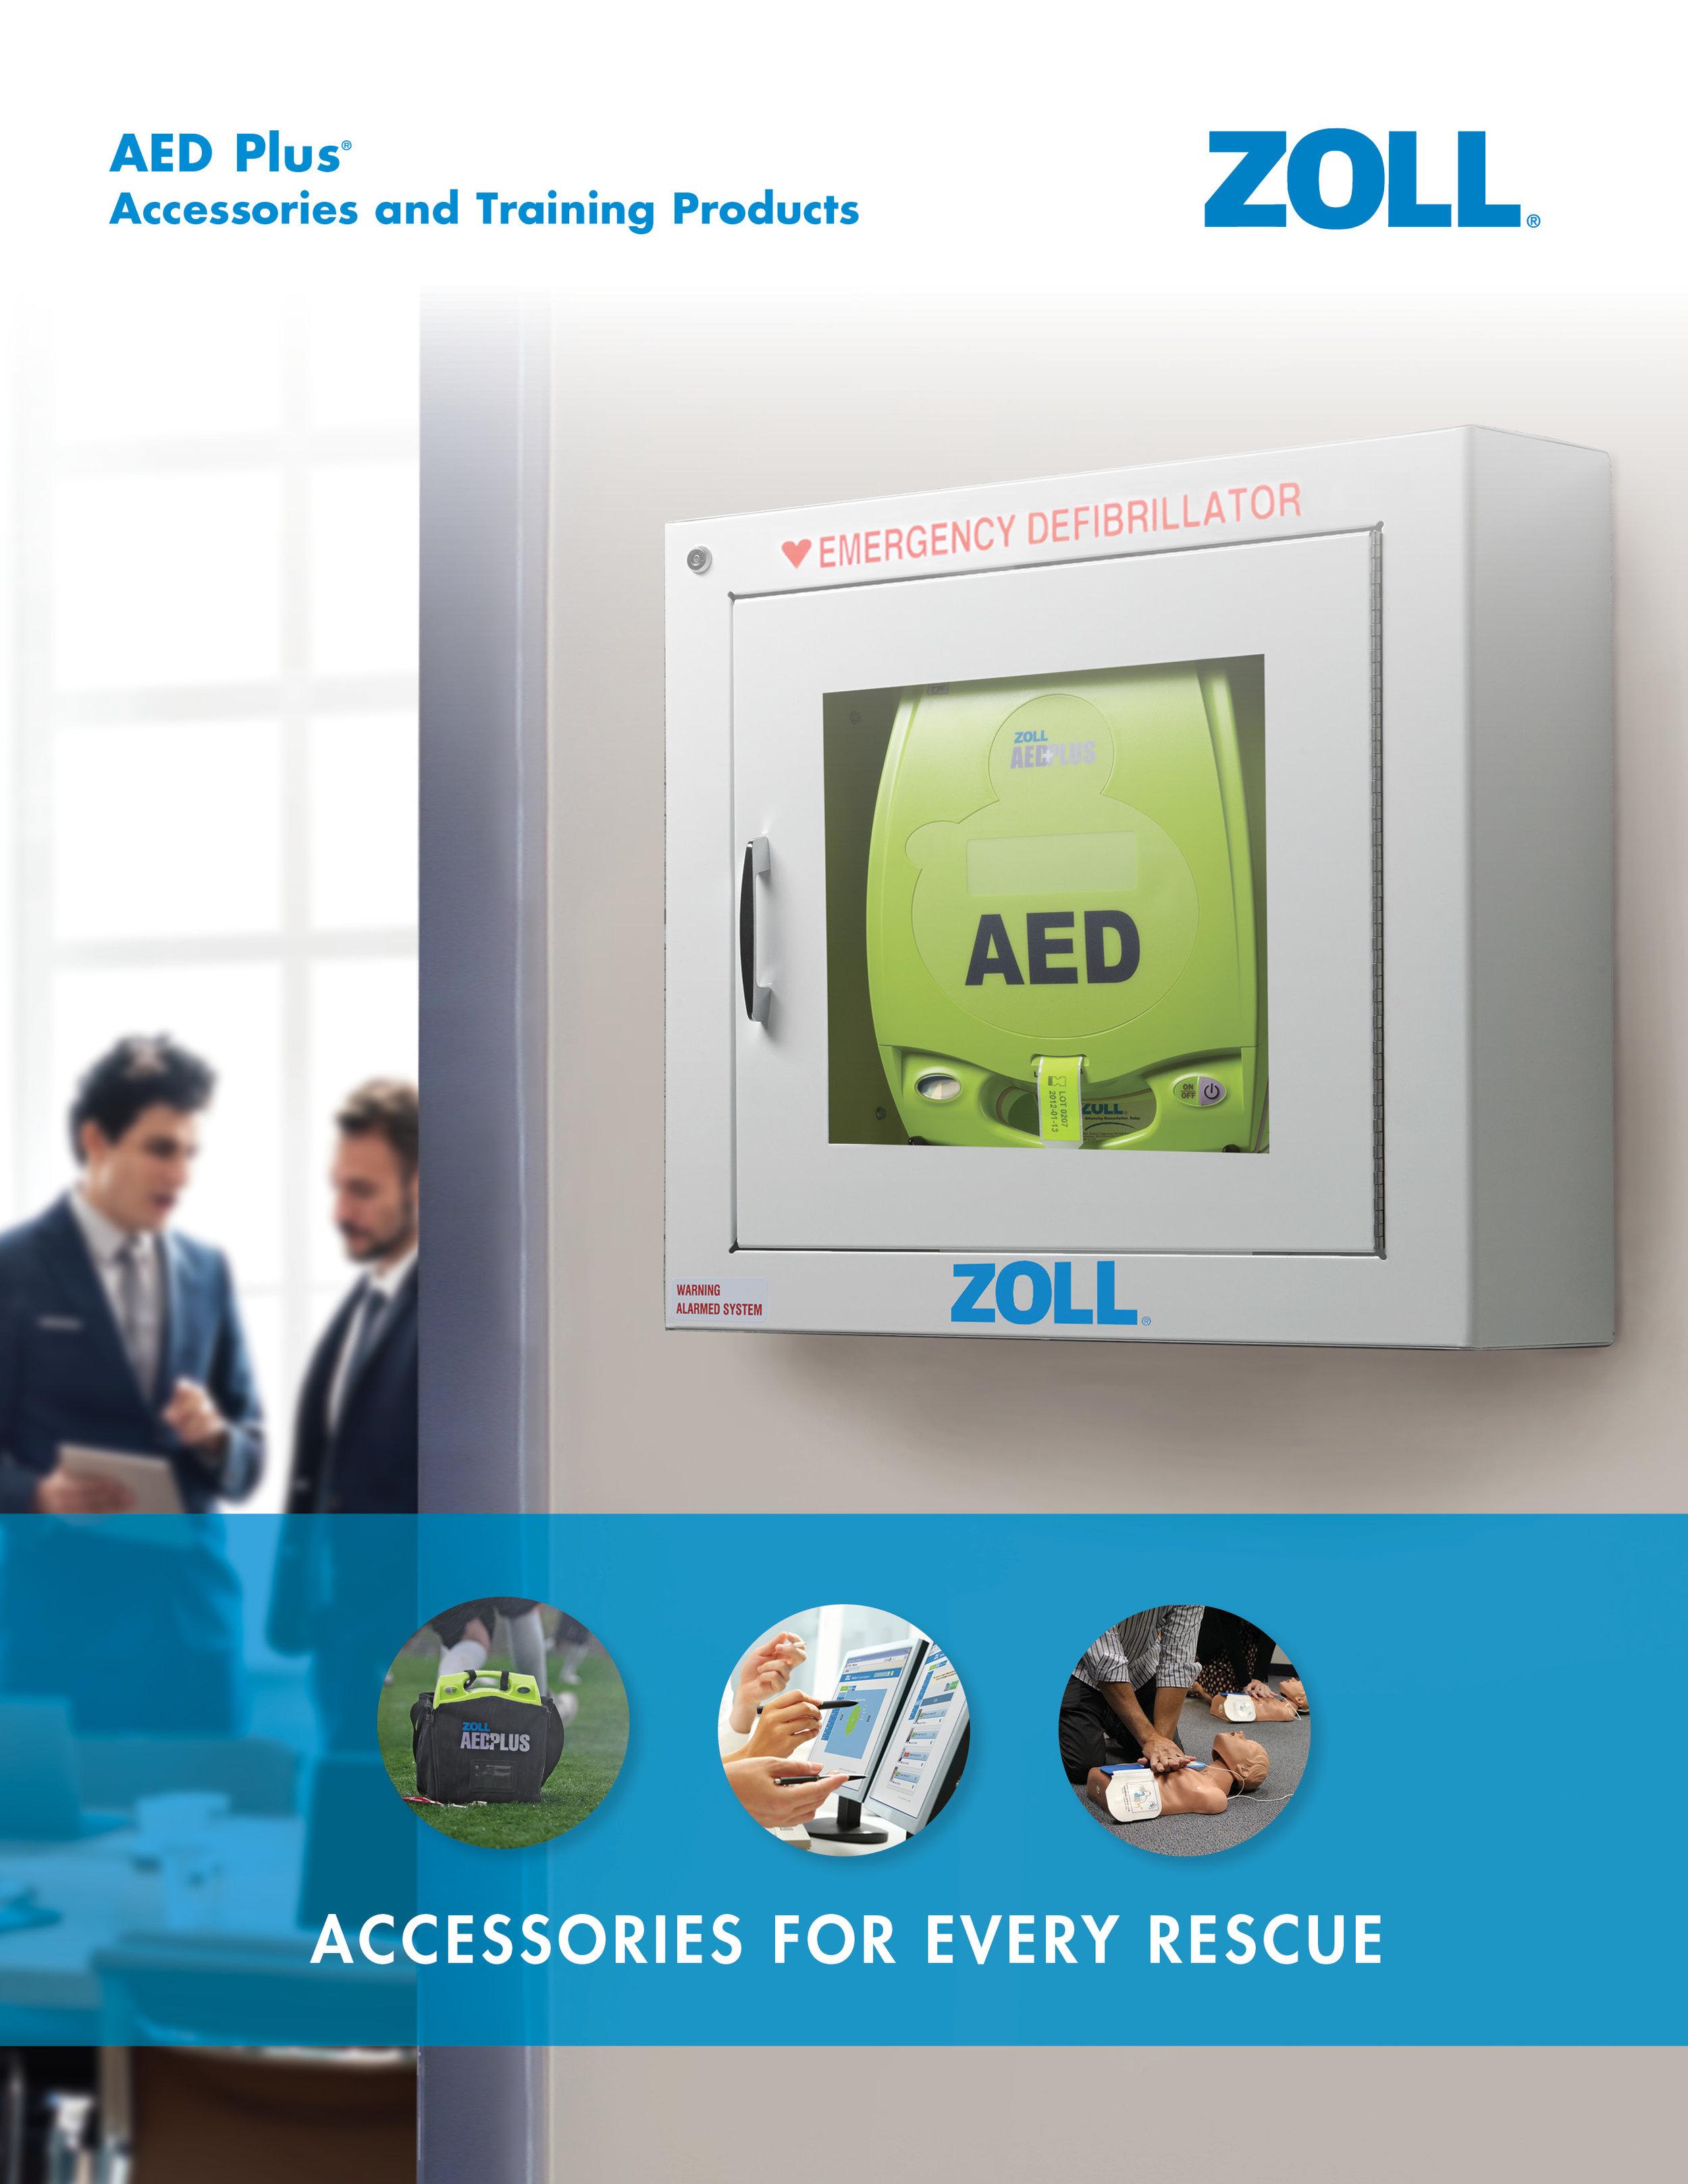 AED_Plus_Accessories_Catalog_PP_0183.jpg